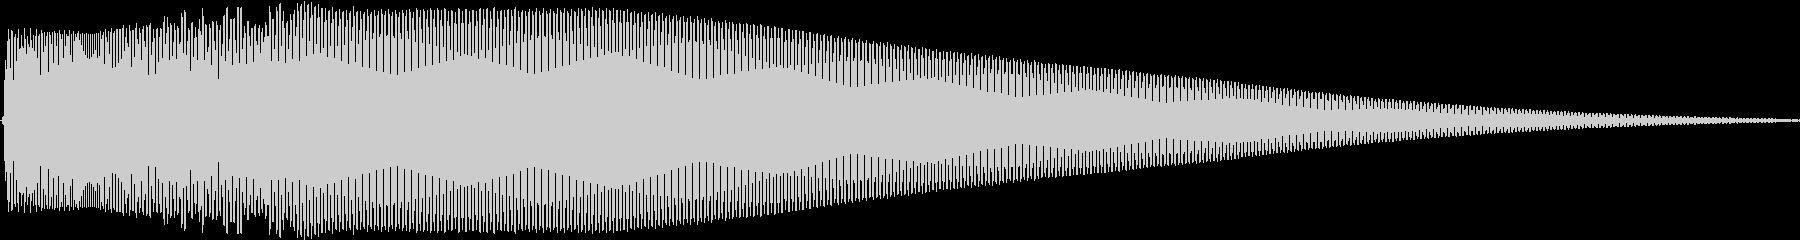 Pure ピュアでクリアなタッチ音 Aの未再生の波形